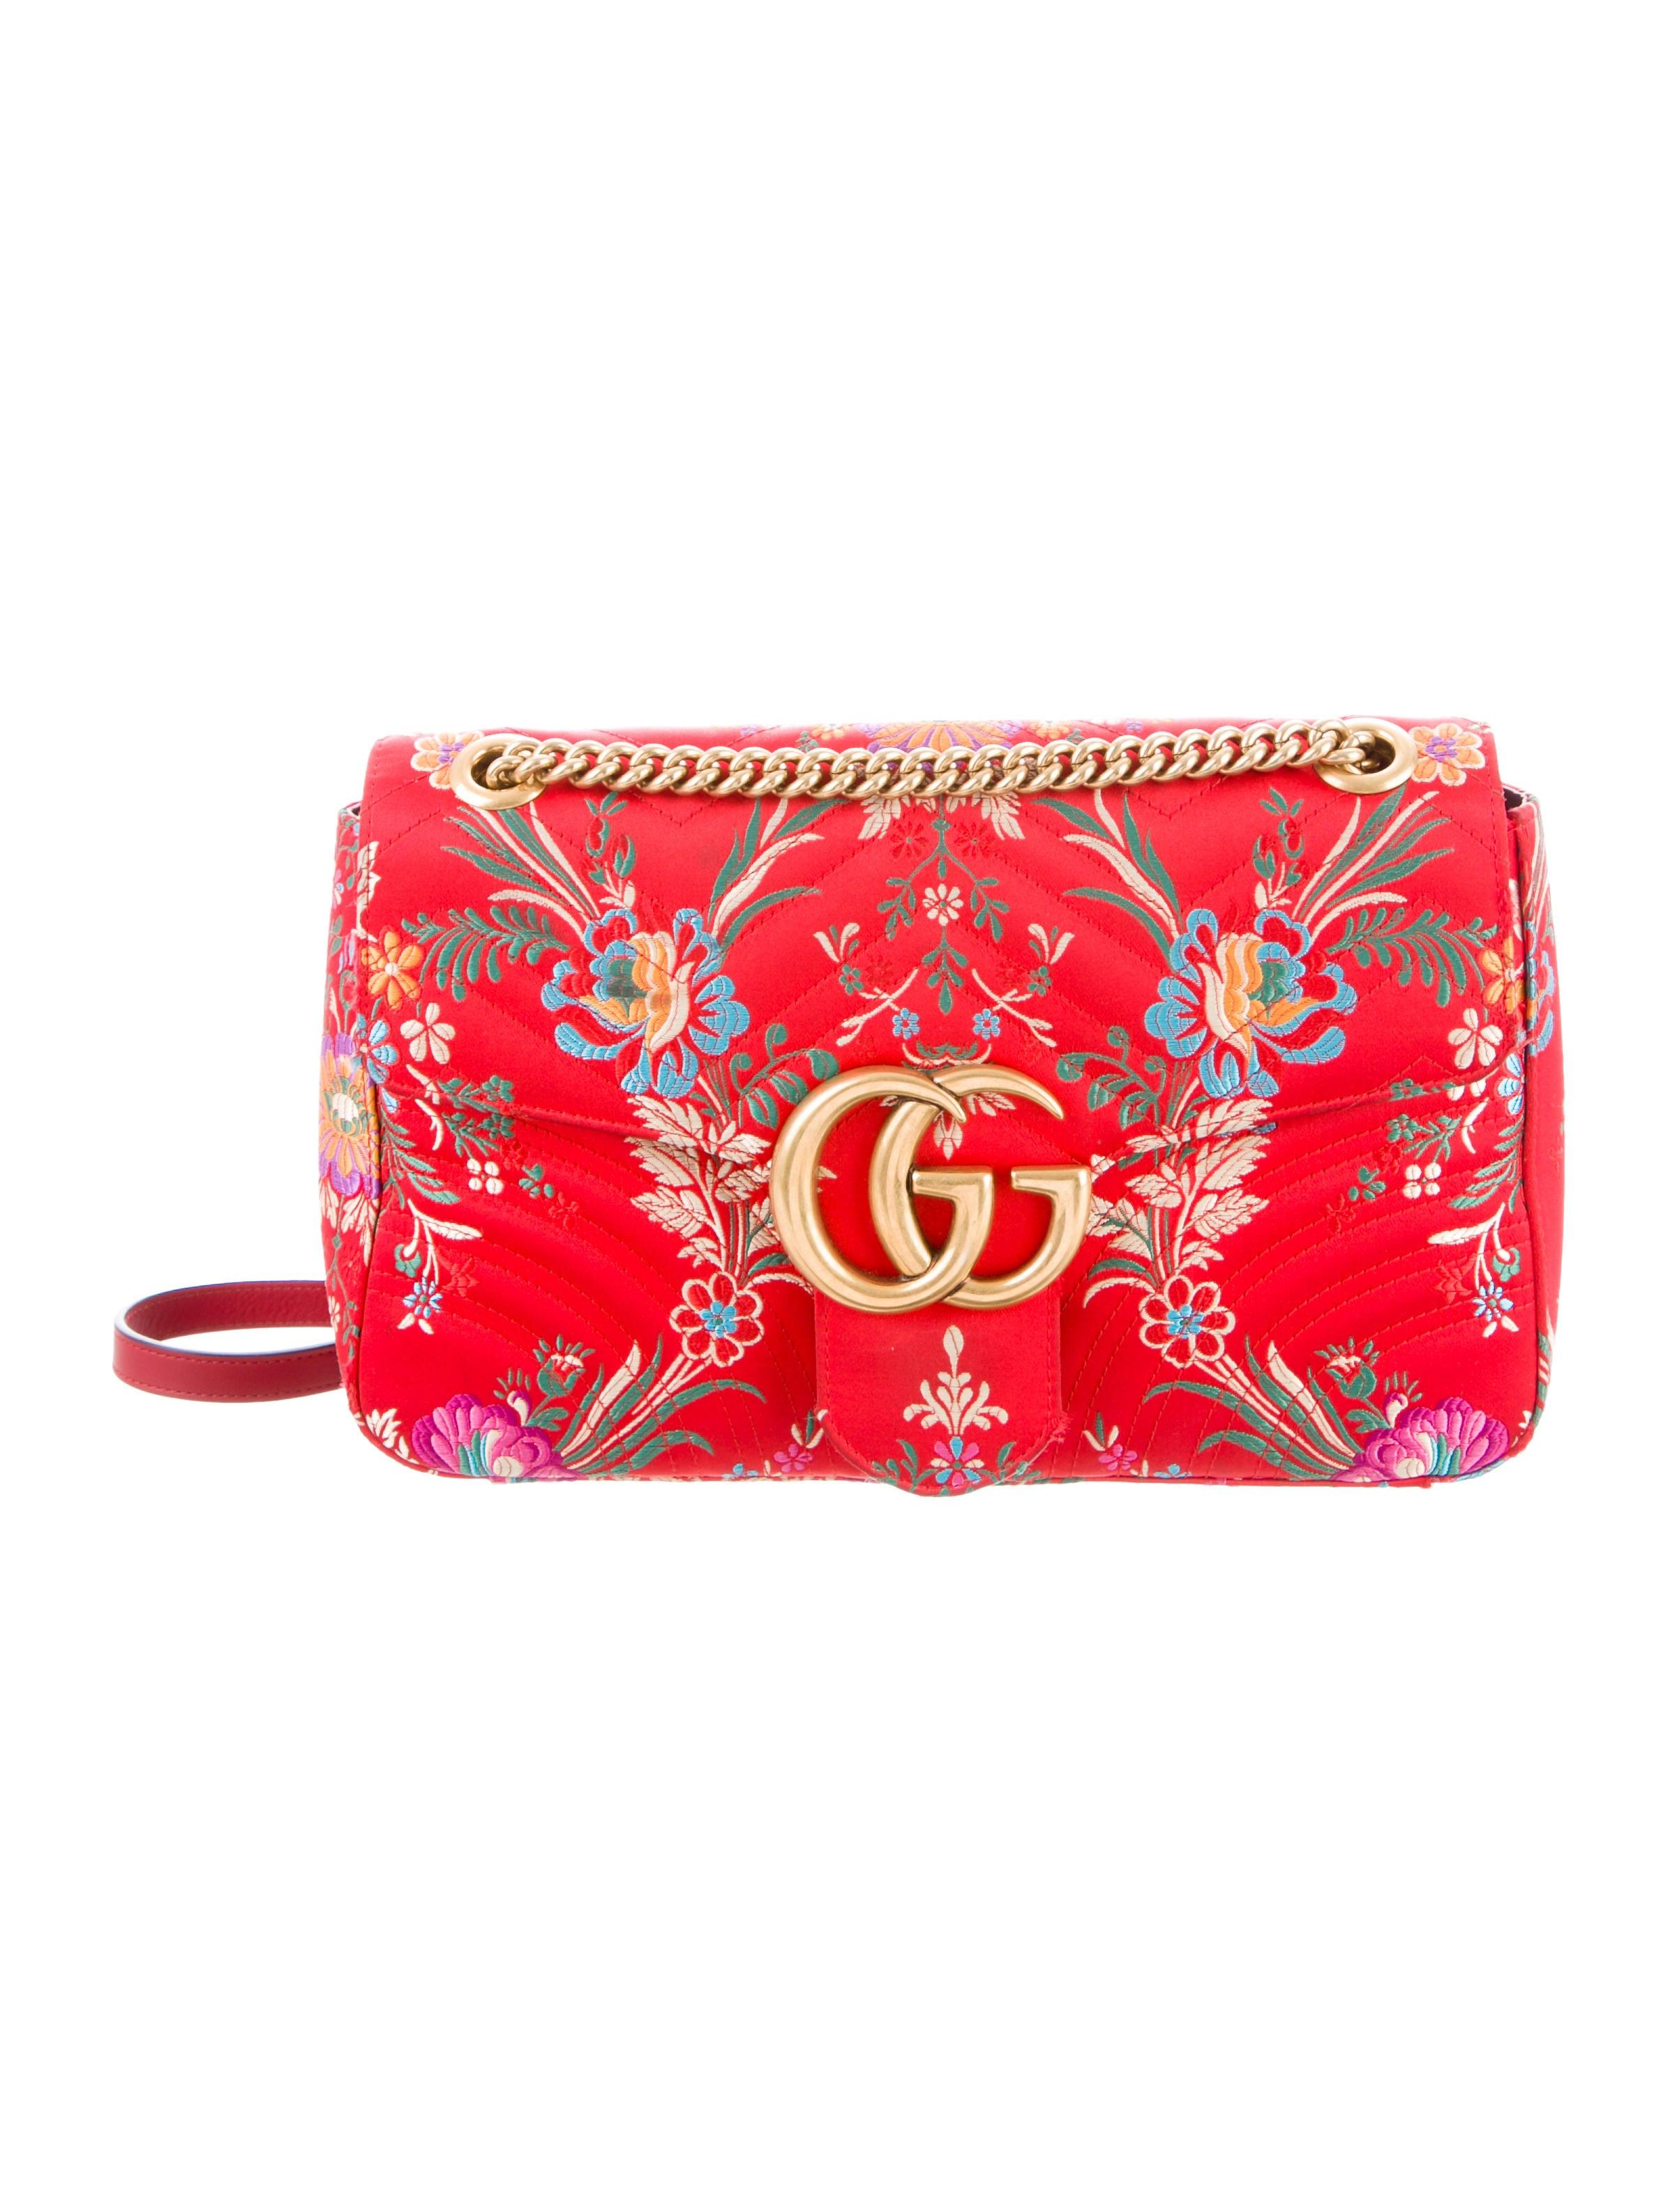 c5aa78f964105e Gucci GG Marmont Medium Jacquard Shoulder Bag - Handbags - GUC264075 ...